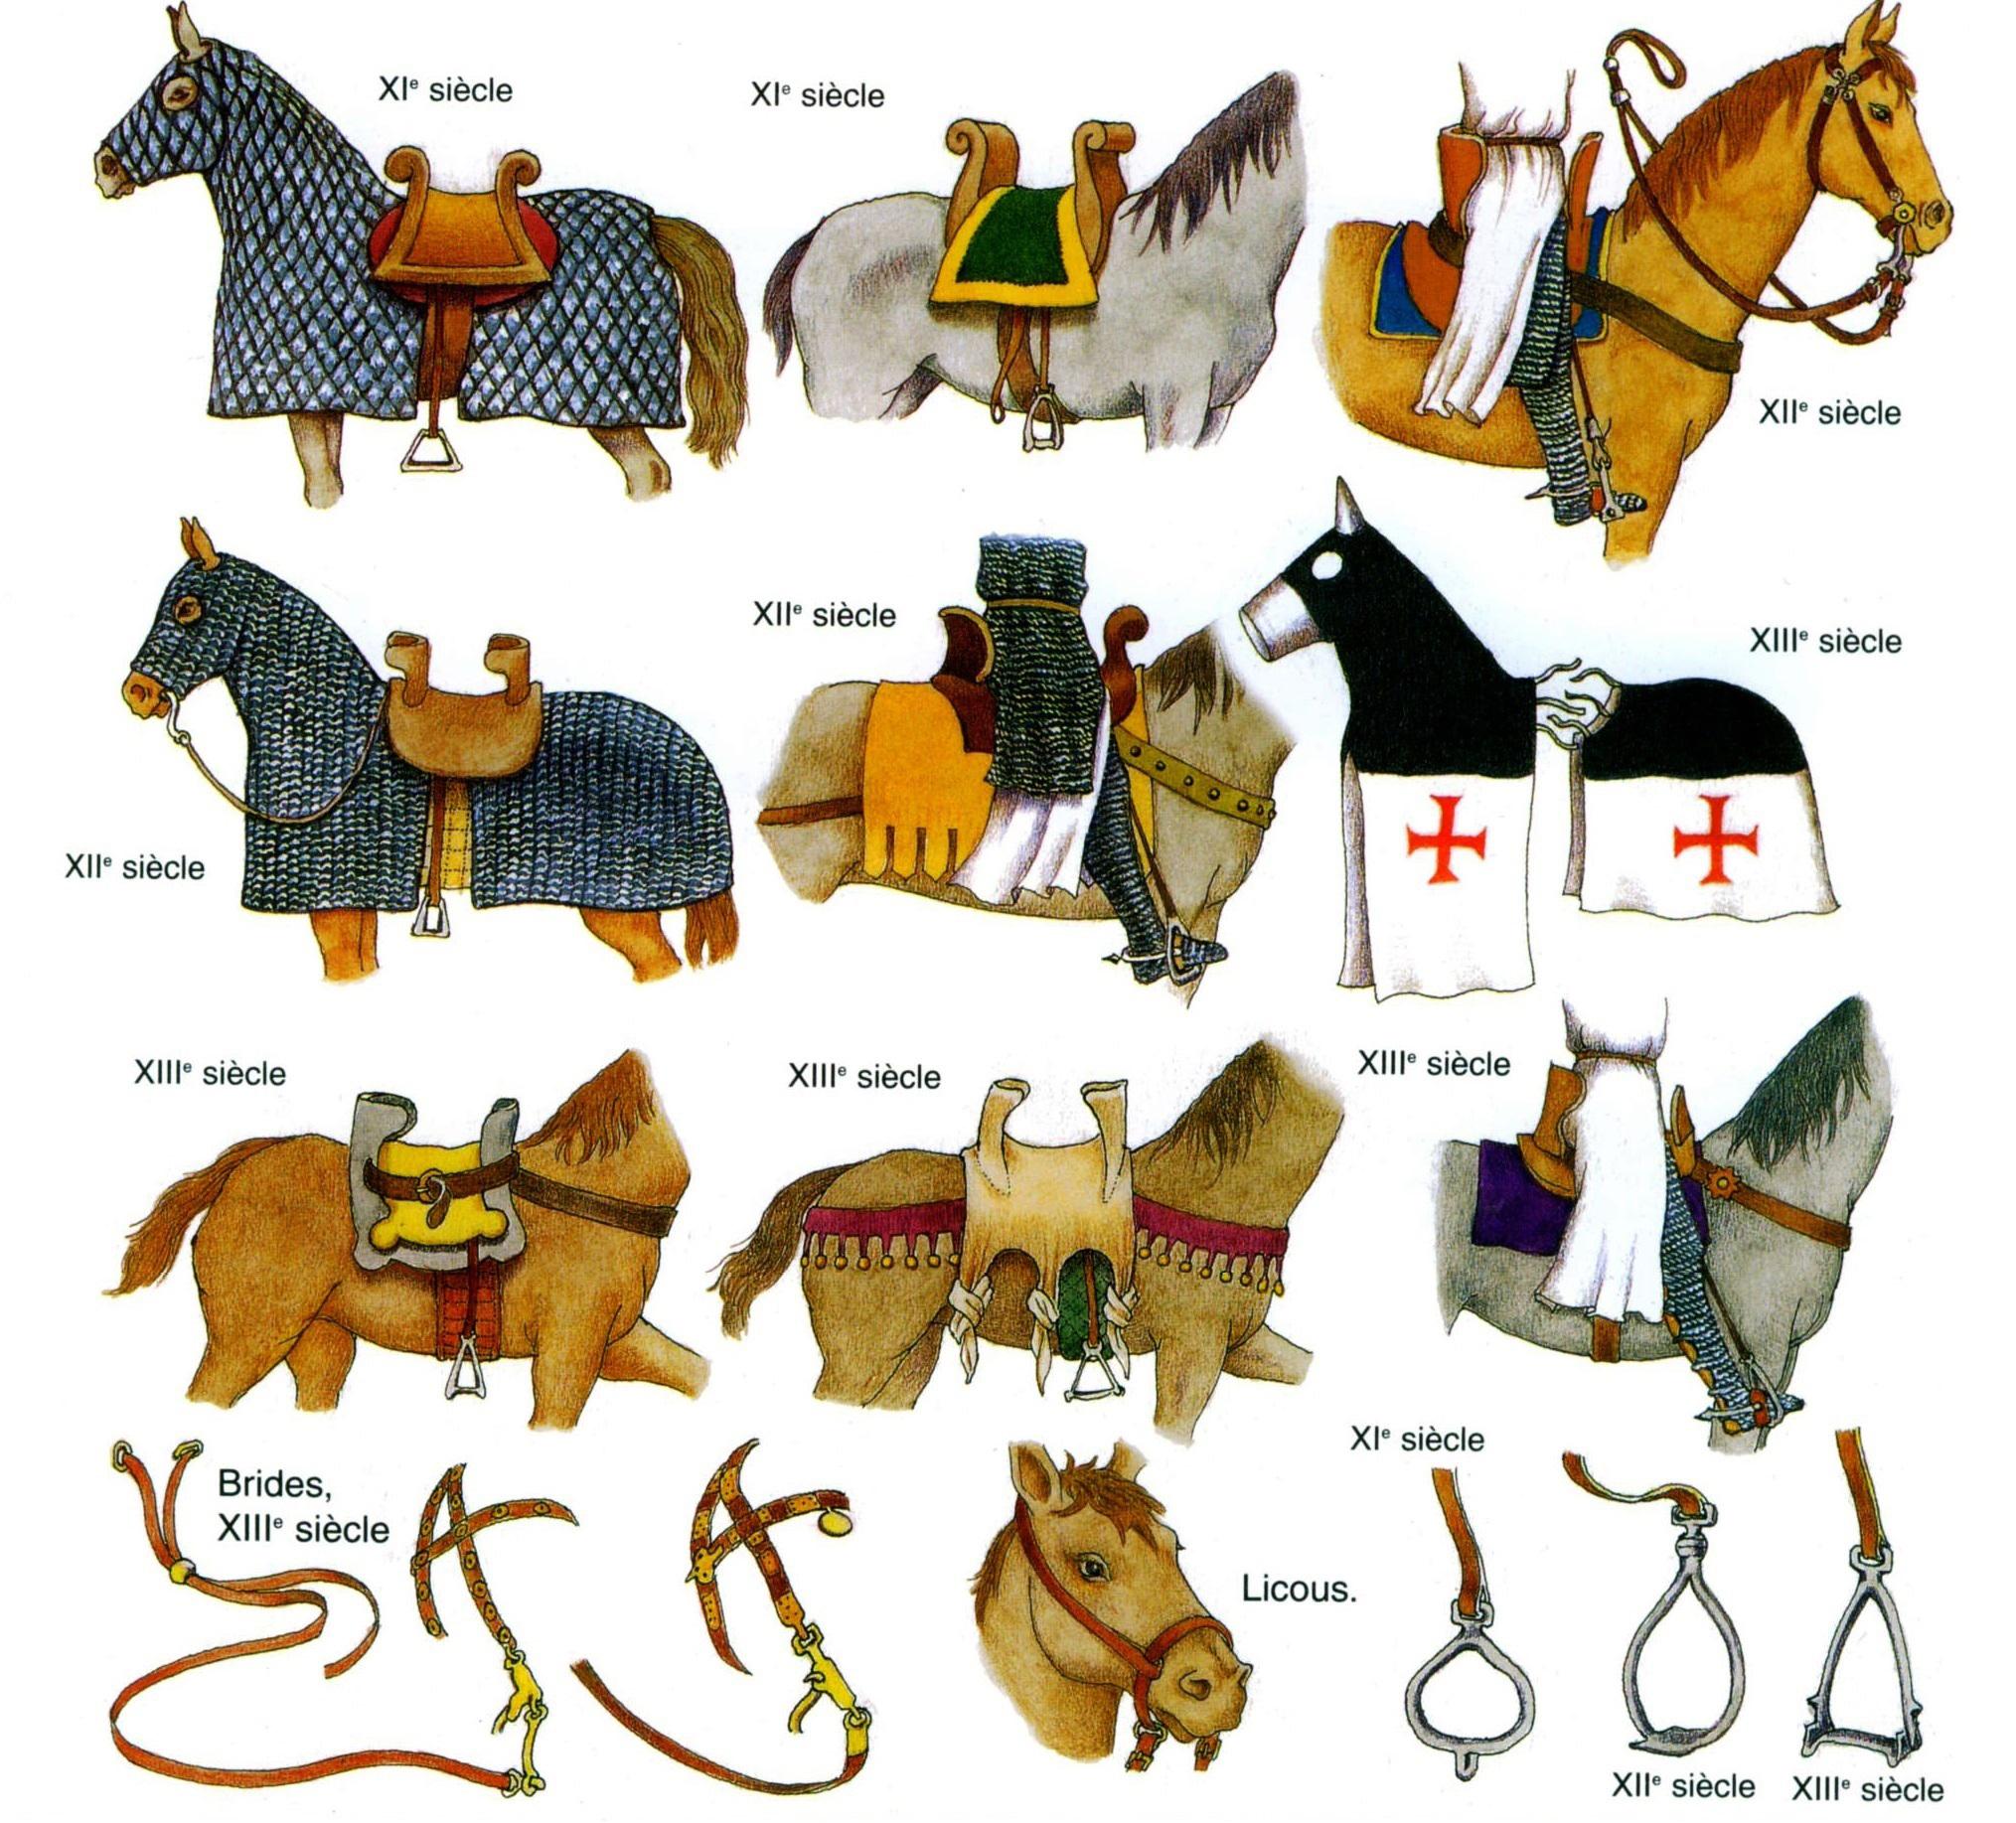 El caballo de guerra medieval. Evolución de su equipamiento y armadura Rtxmo5